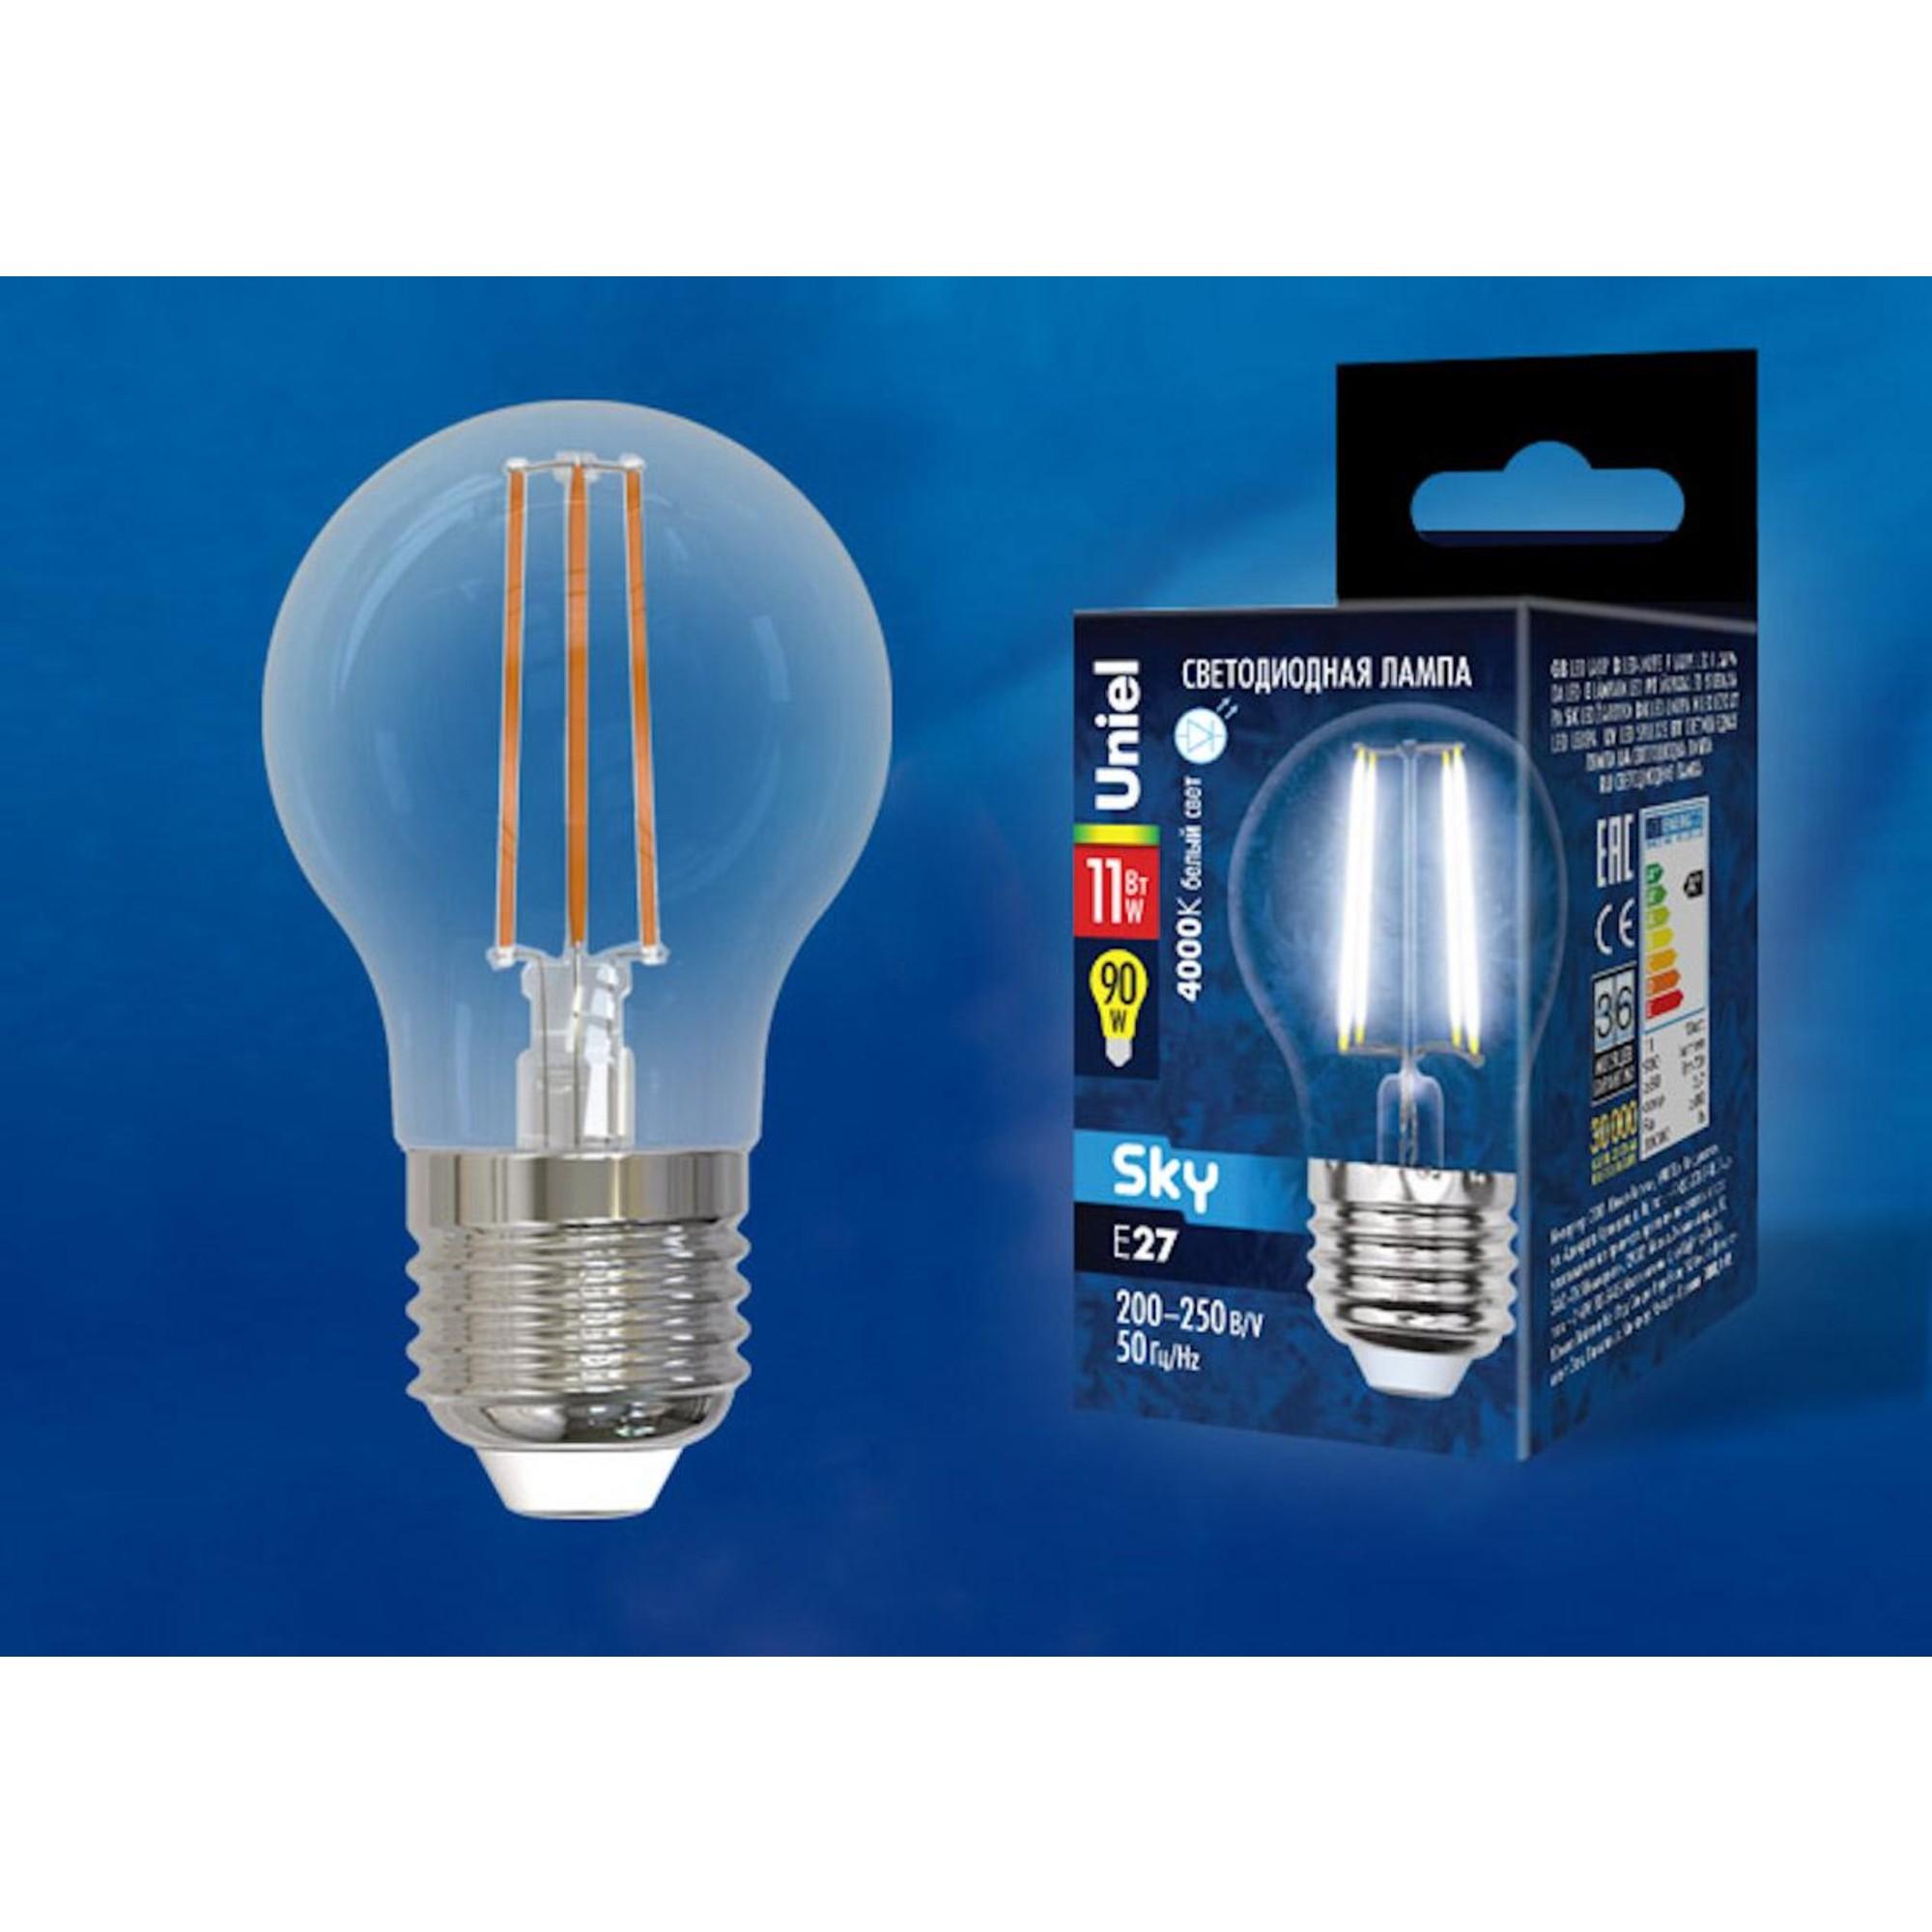 Светодиодная лампочка Uniel UL-00005179 E27 900 Лм 11 Вт